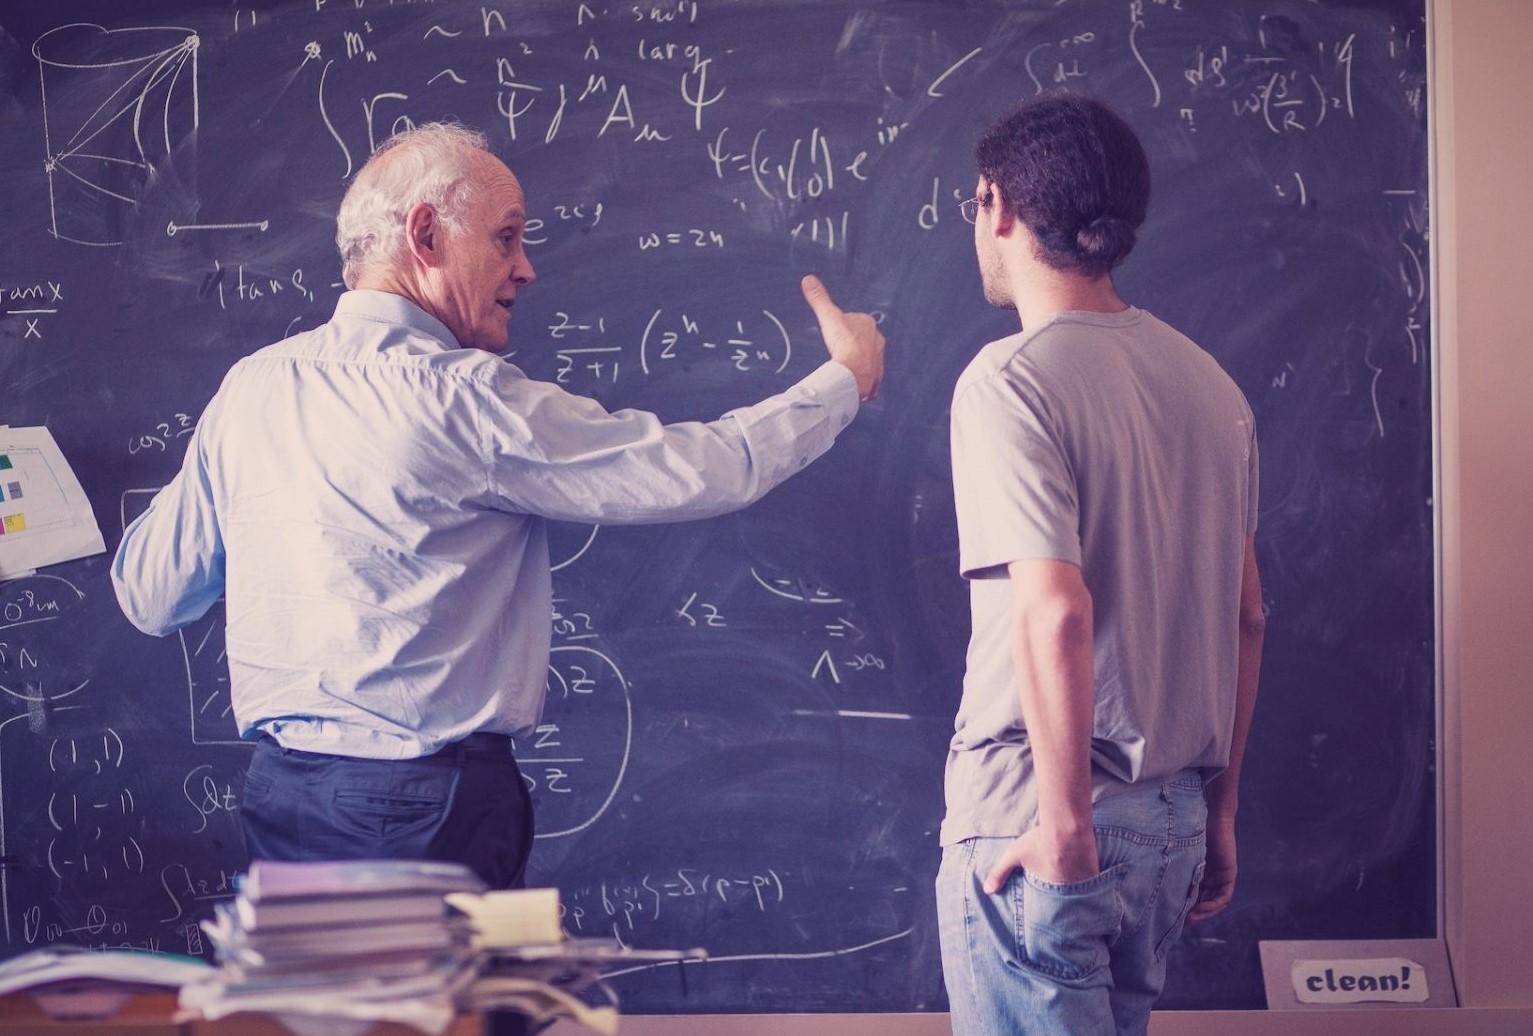 Chemistry Course, Talent Development, Mentorship